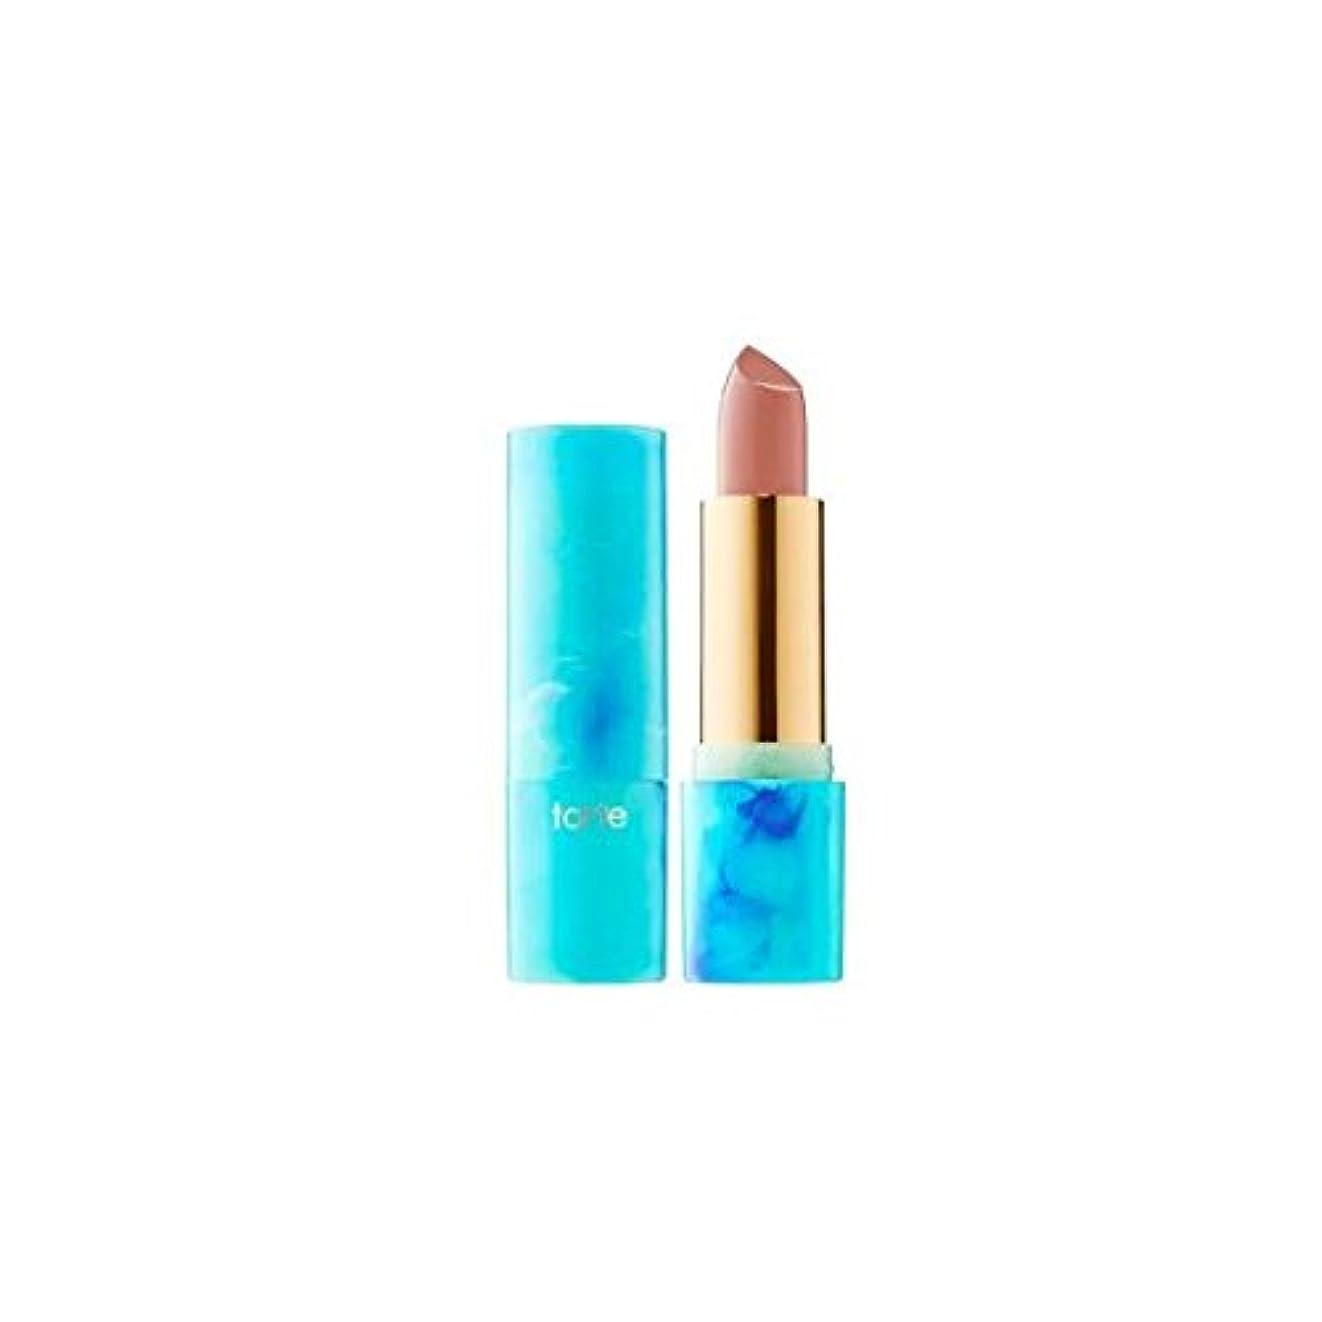 デッドロック単語郵便屋さんtarteタルト リップ Color Splash Lipstick - Rainforest of the Sea Collection Satin finish